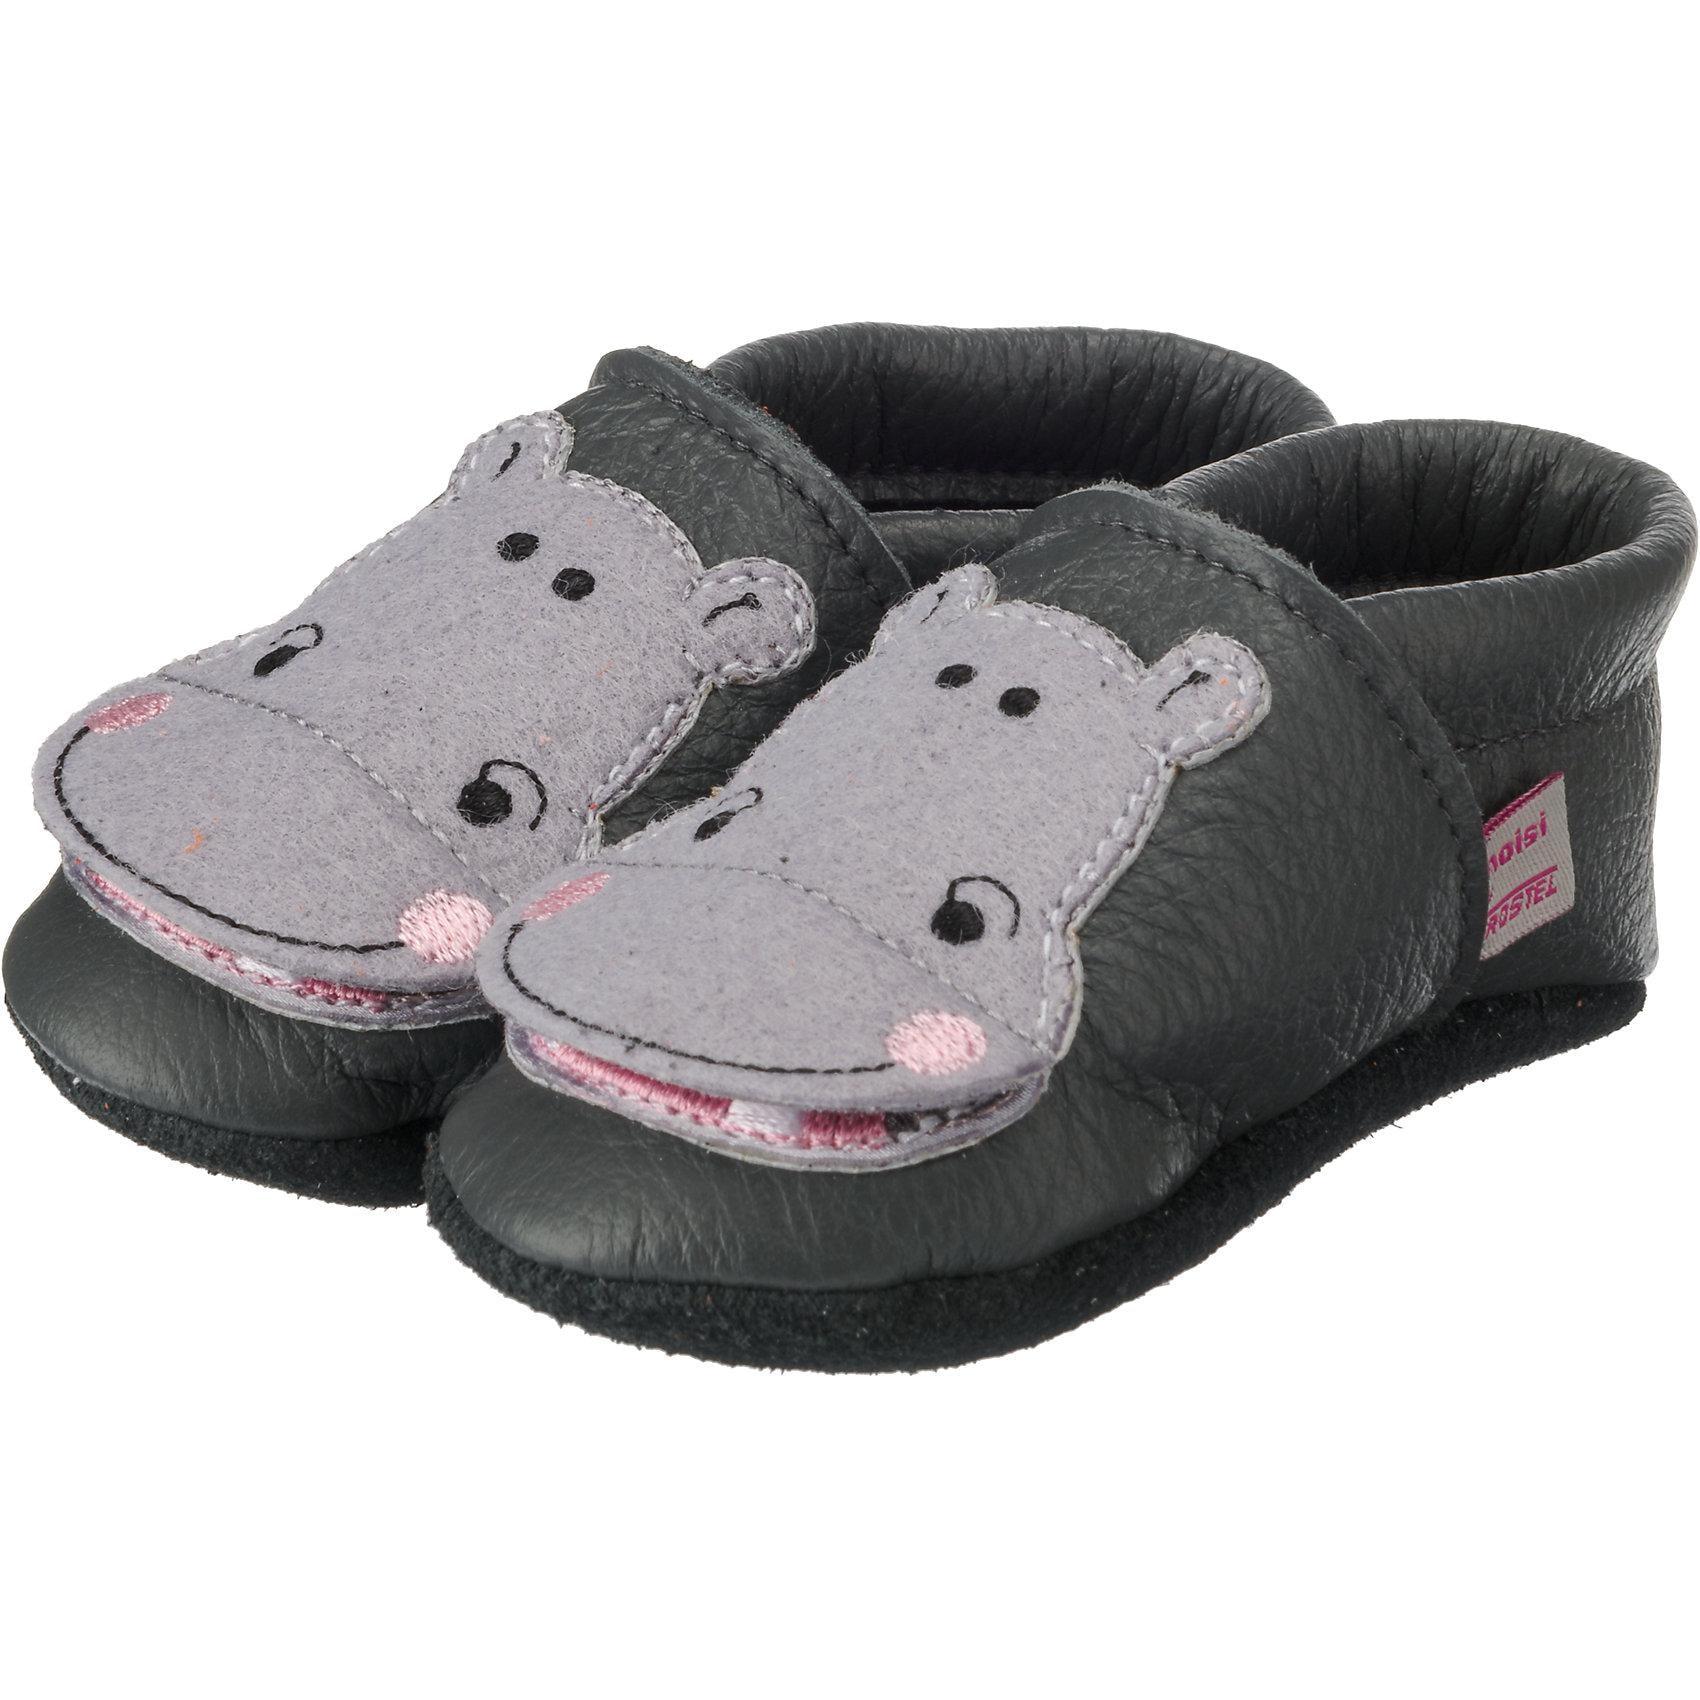 Trostel Krabbelschuhe für Mädchen Hippo